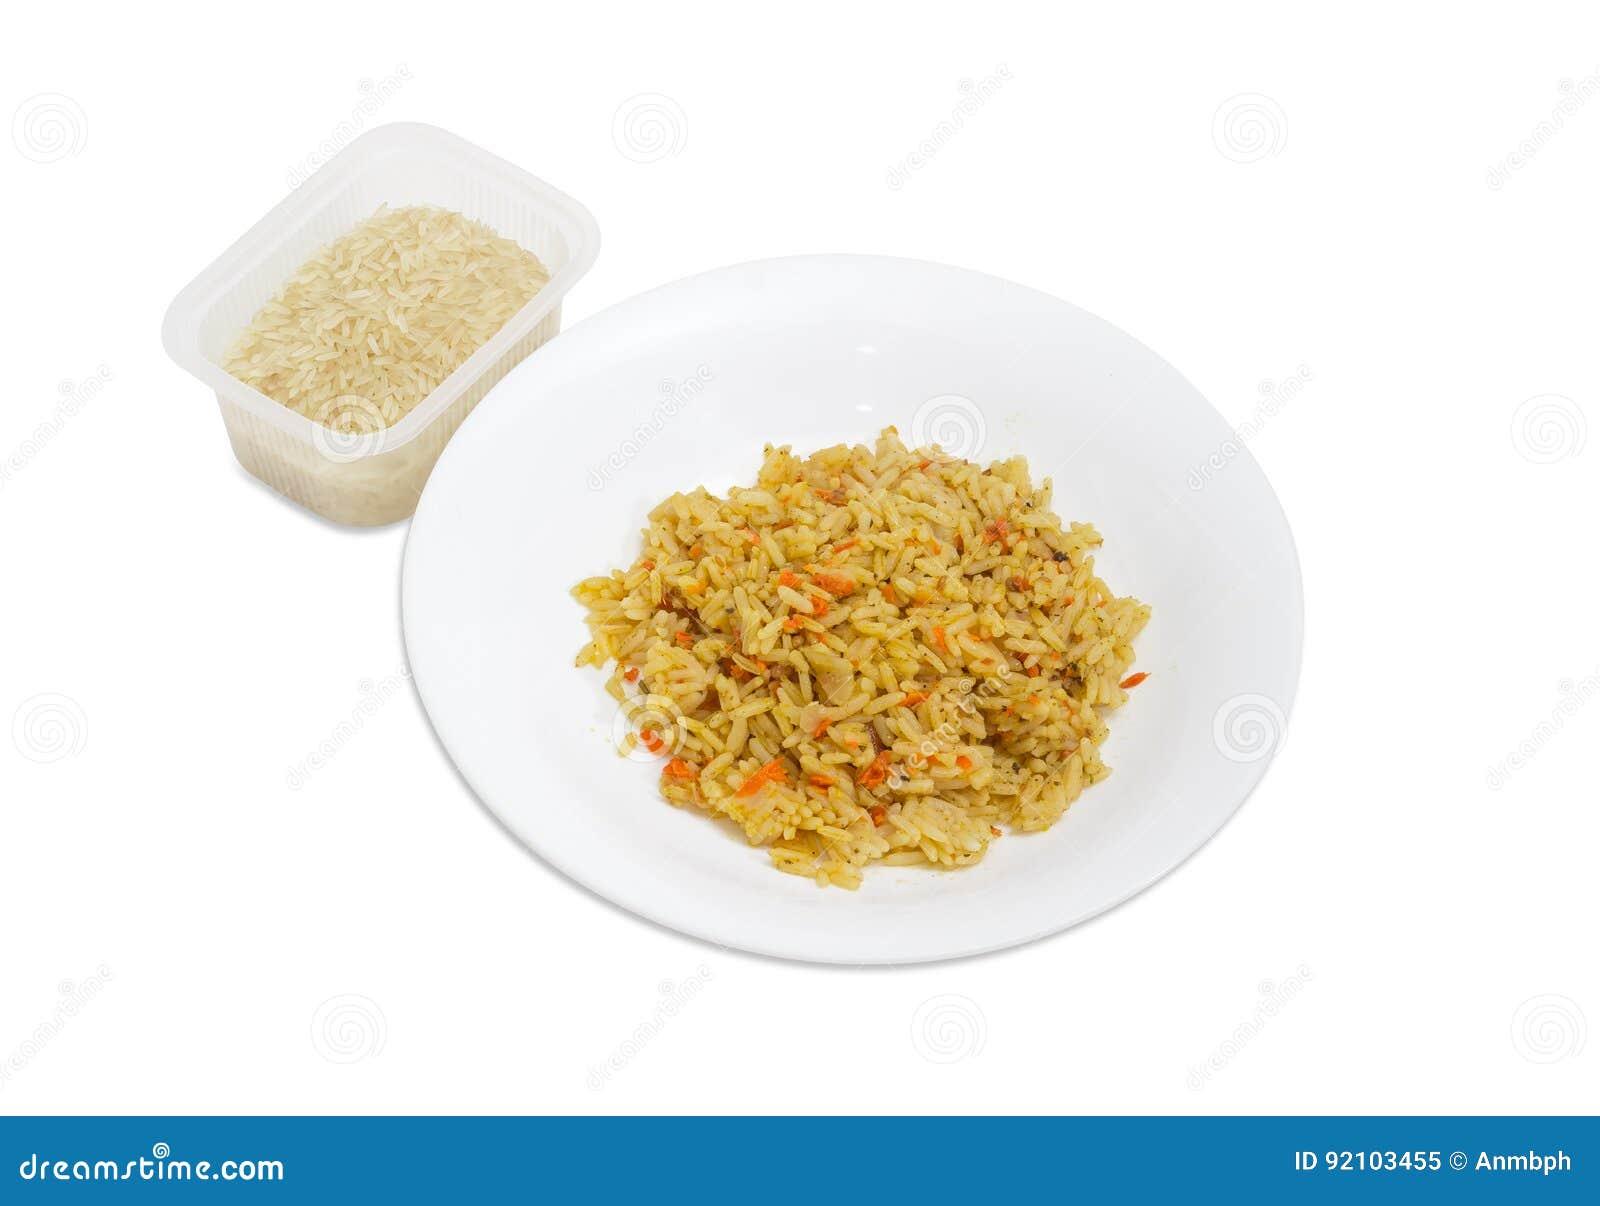 Riso cucinato sul piatto e riso crudo in recipiente di plastica